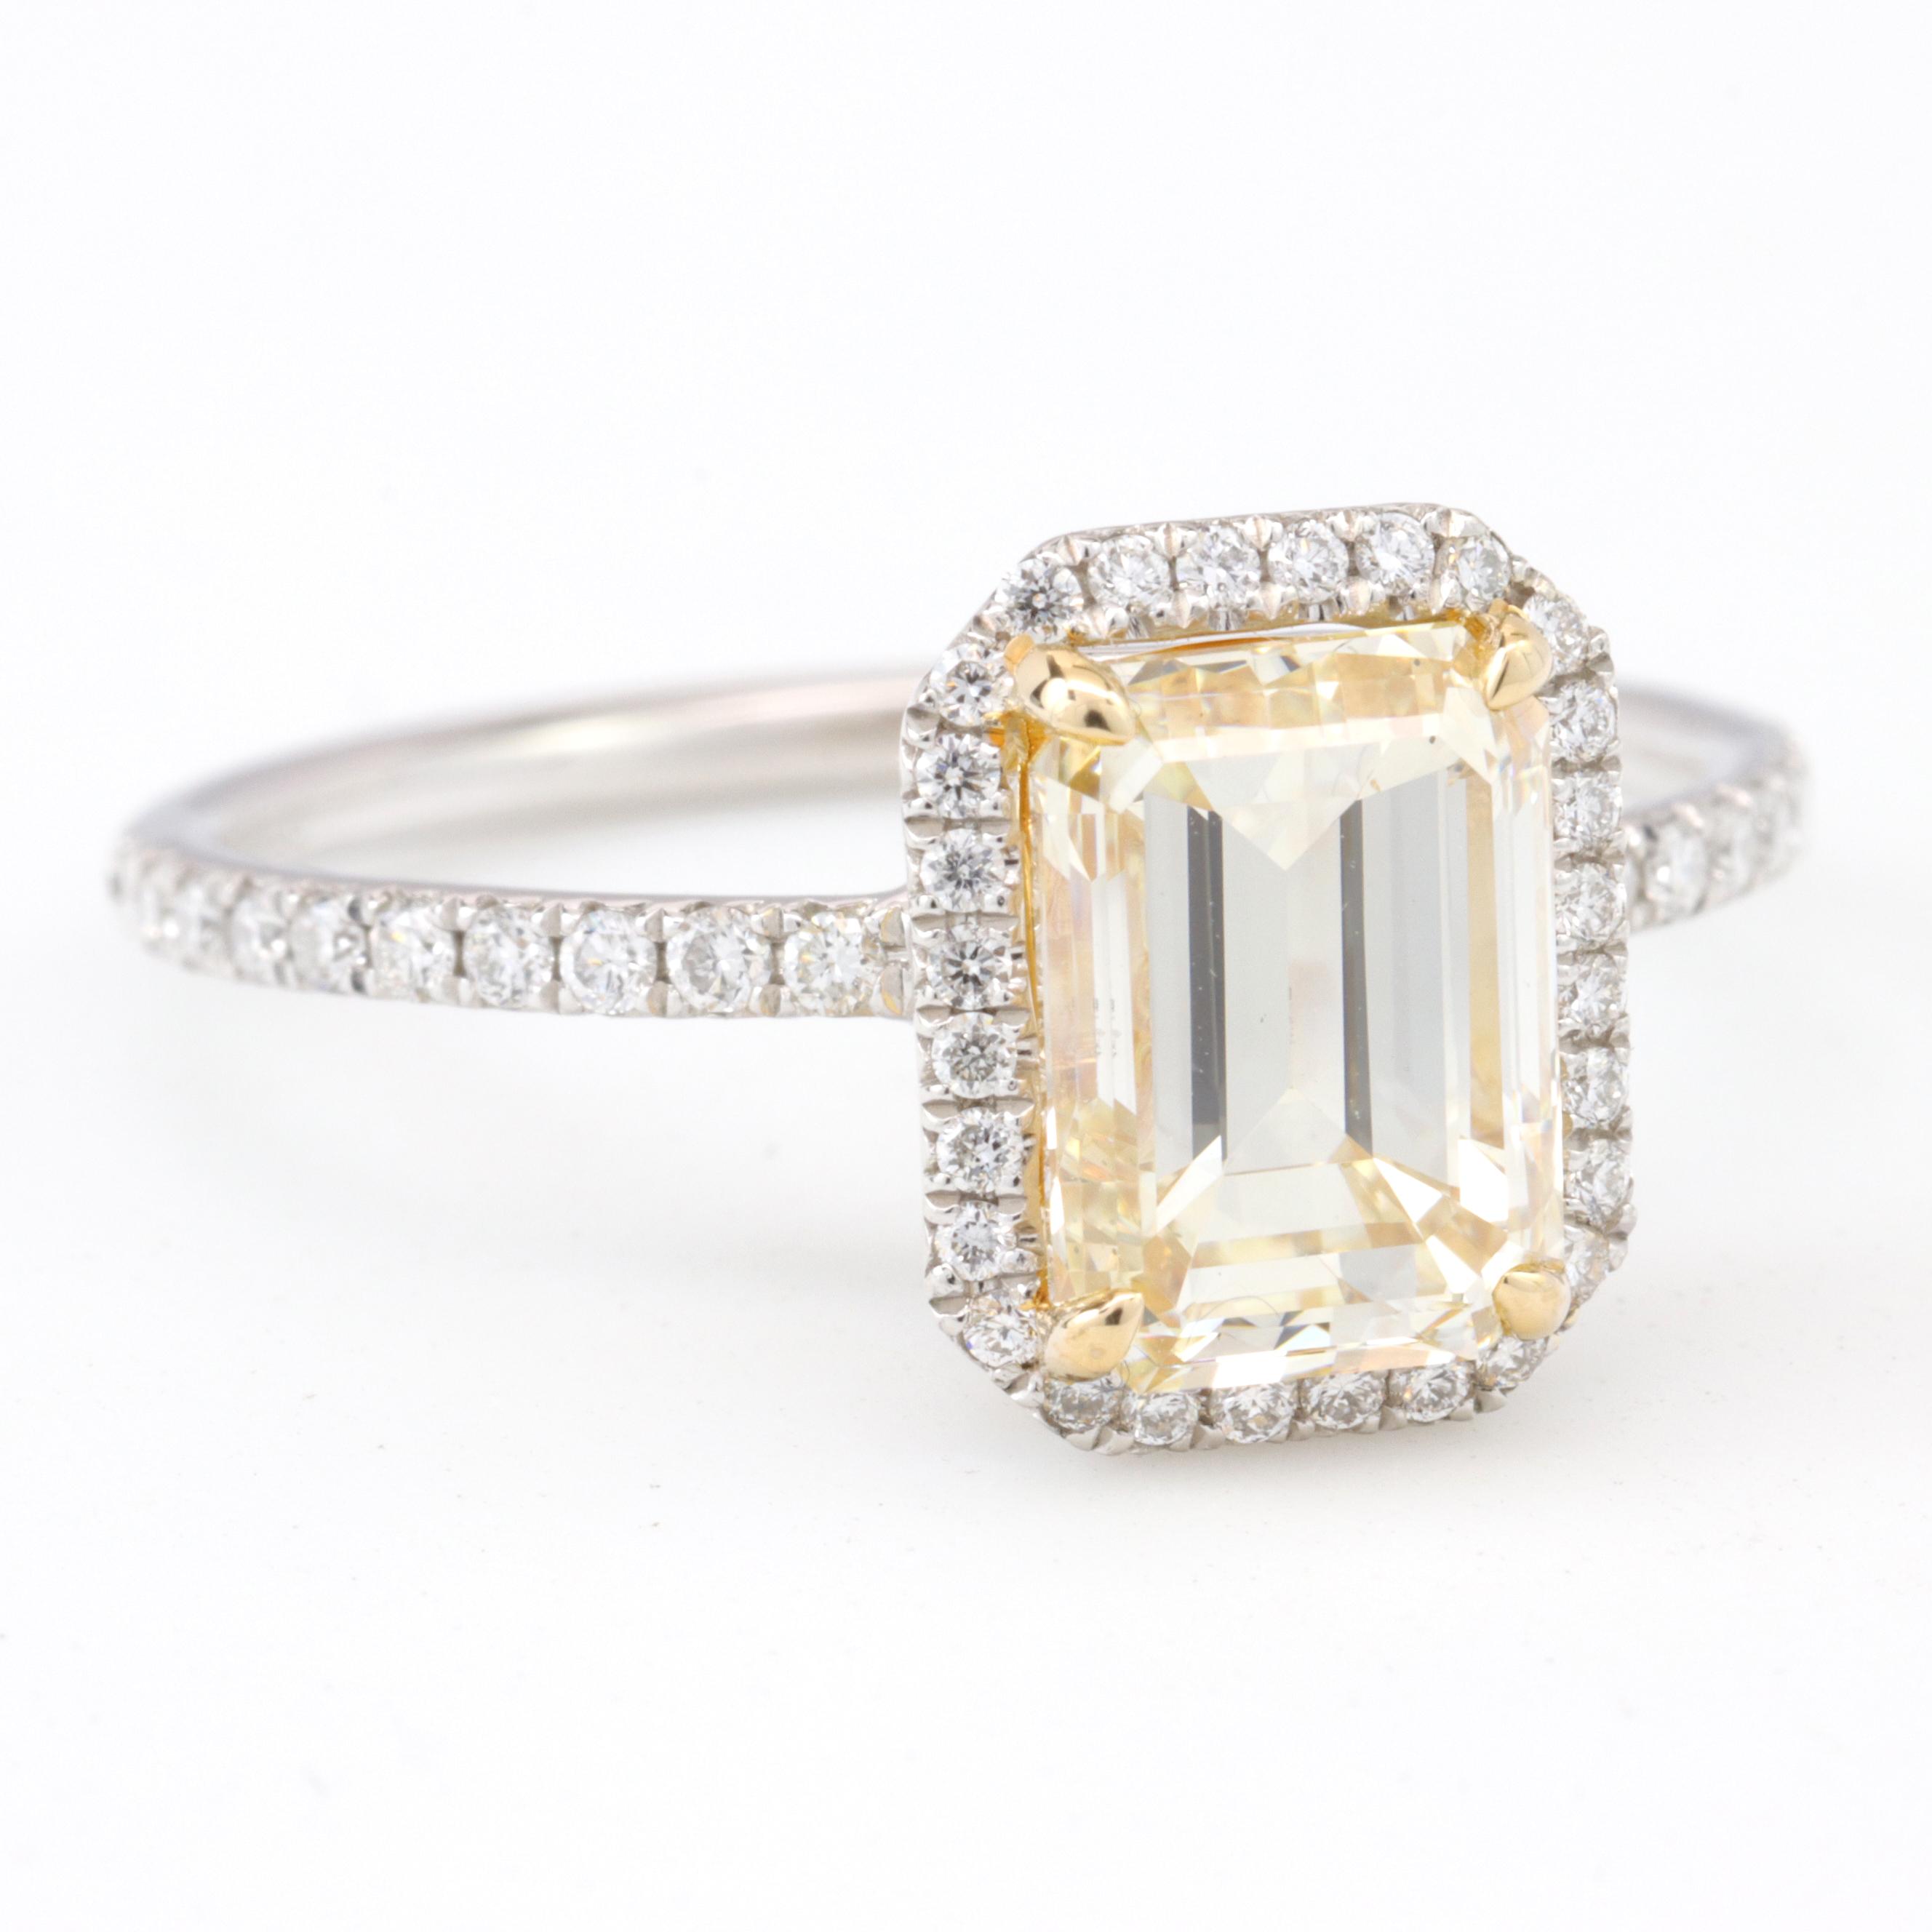 Vintage Yellow Diamond Ring, 18K White Gold